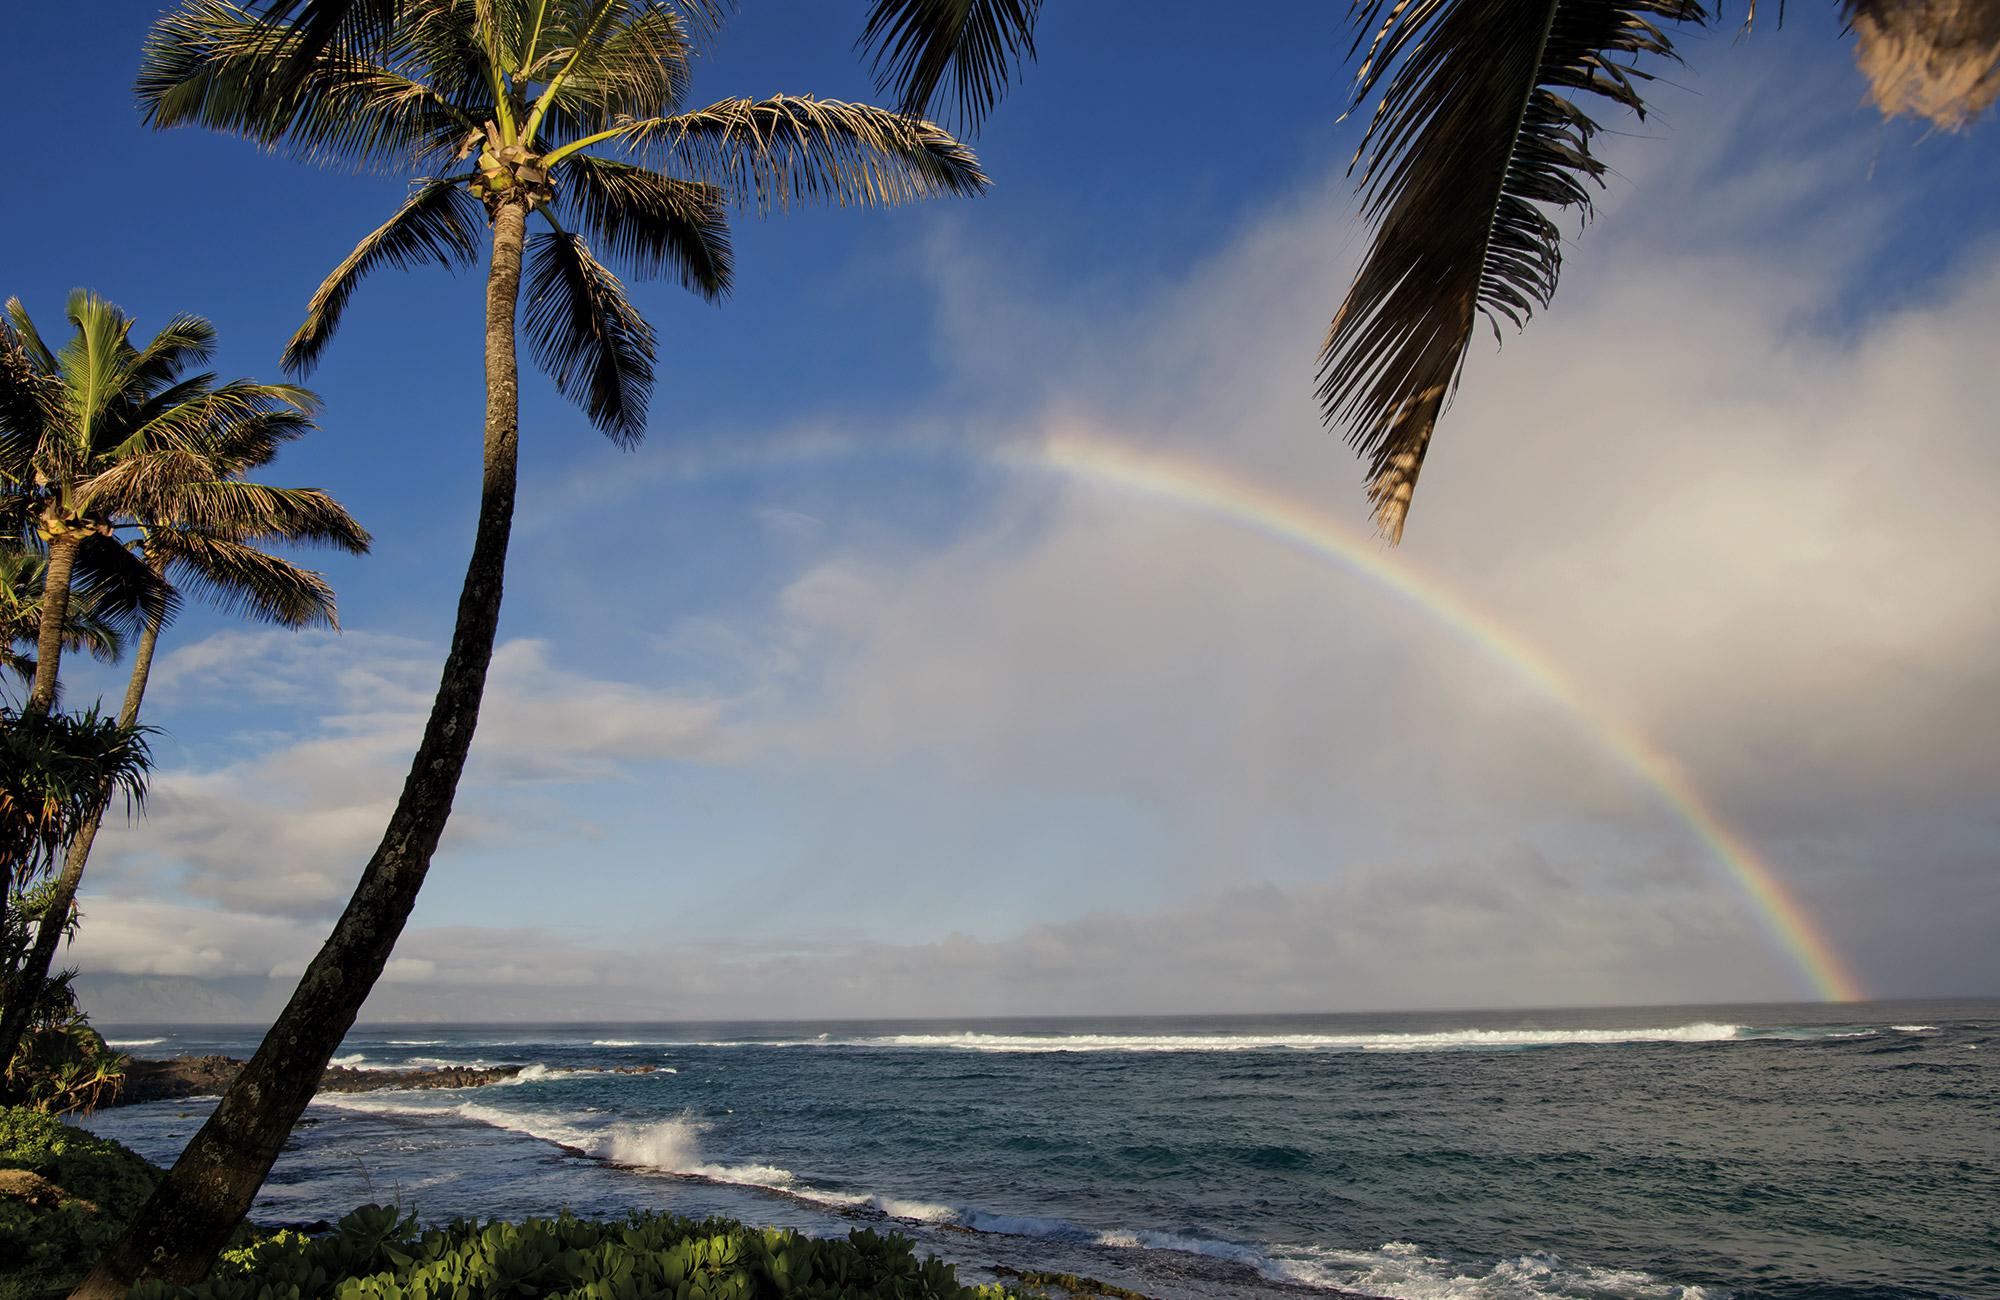 Voyage Hawaii - Maui arc-en-ciel - Amplitudes